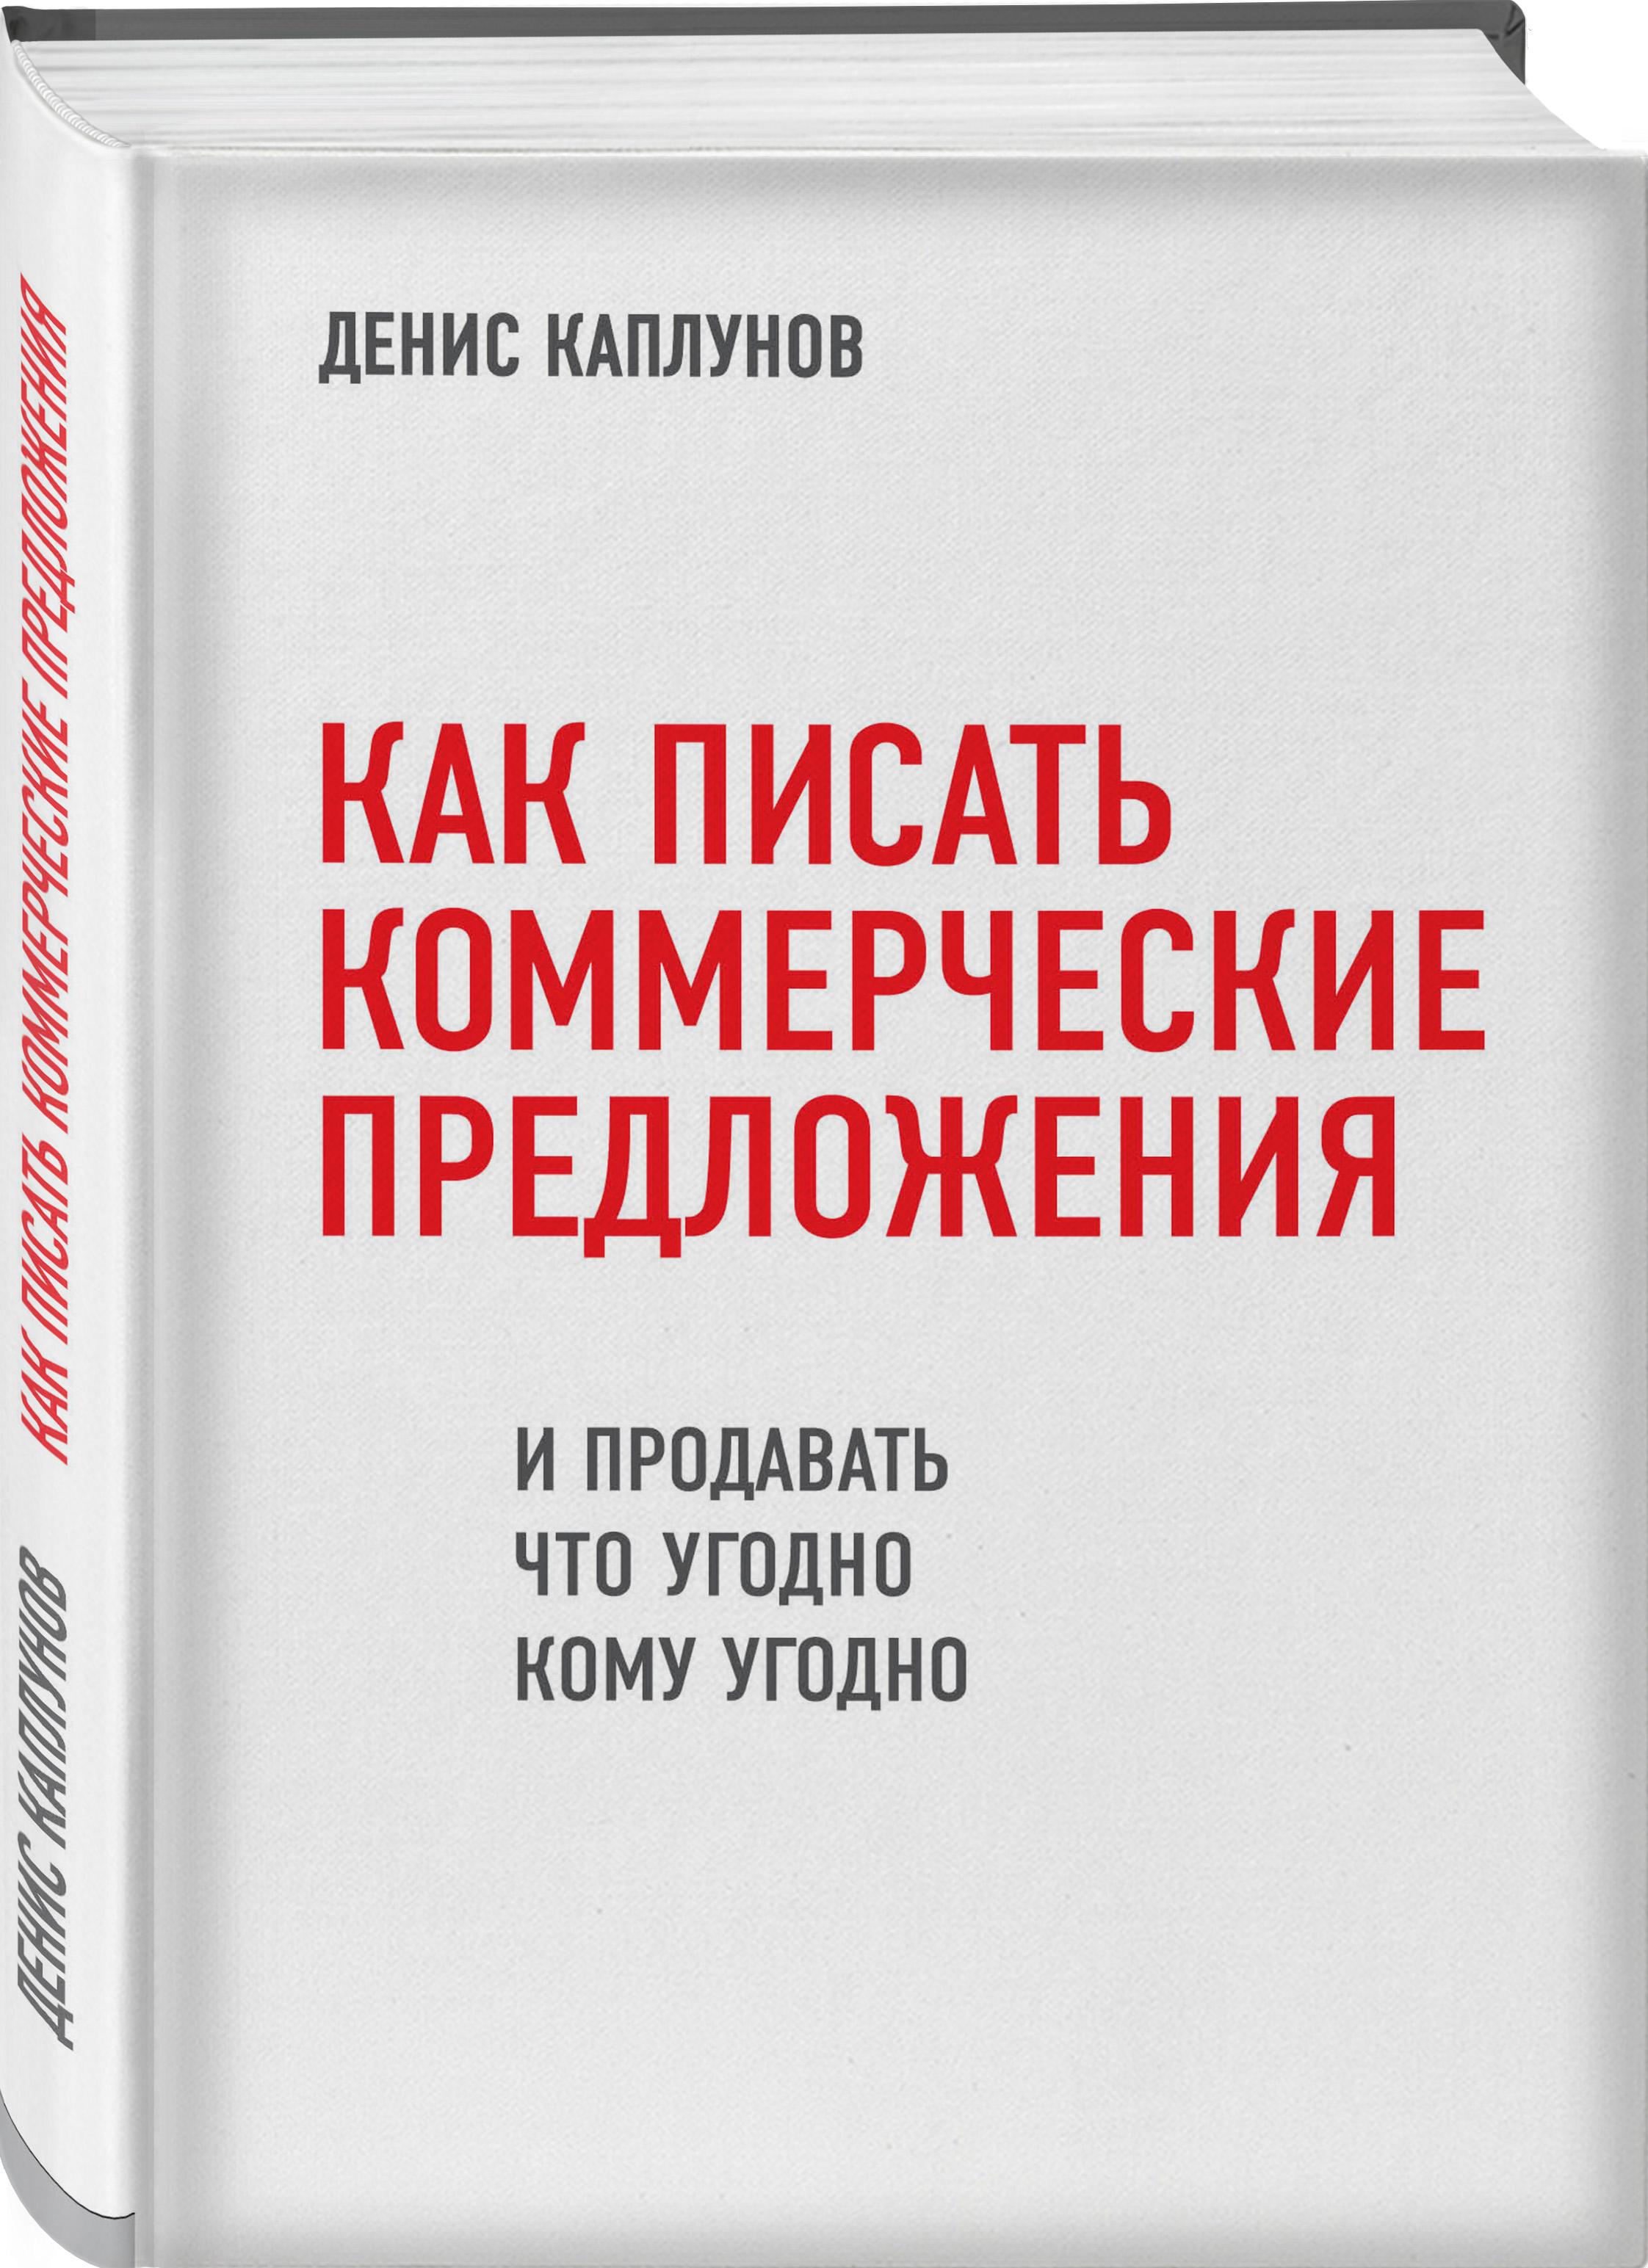 Денис Каплунов Как писать коммерческие предложения и продавать что угодно кому угодно